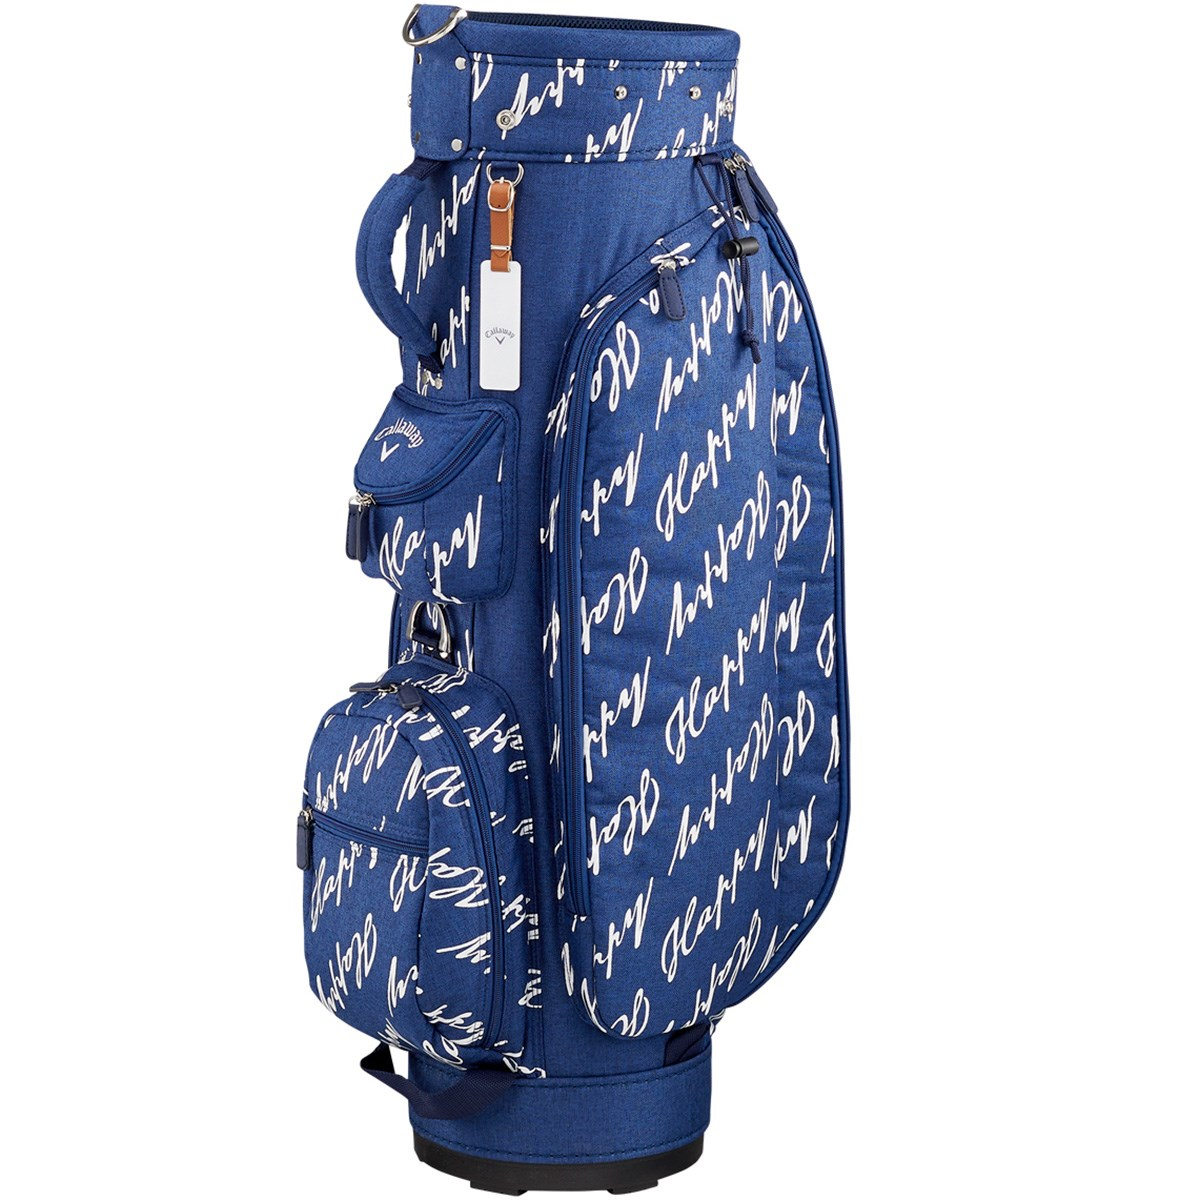 キャロウェイゴルフ(Callaway Golf) BG CT HAPPY JM キャディバッグレディス